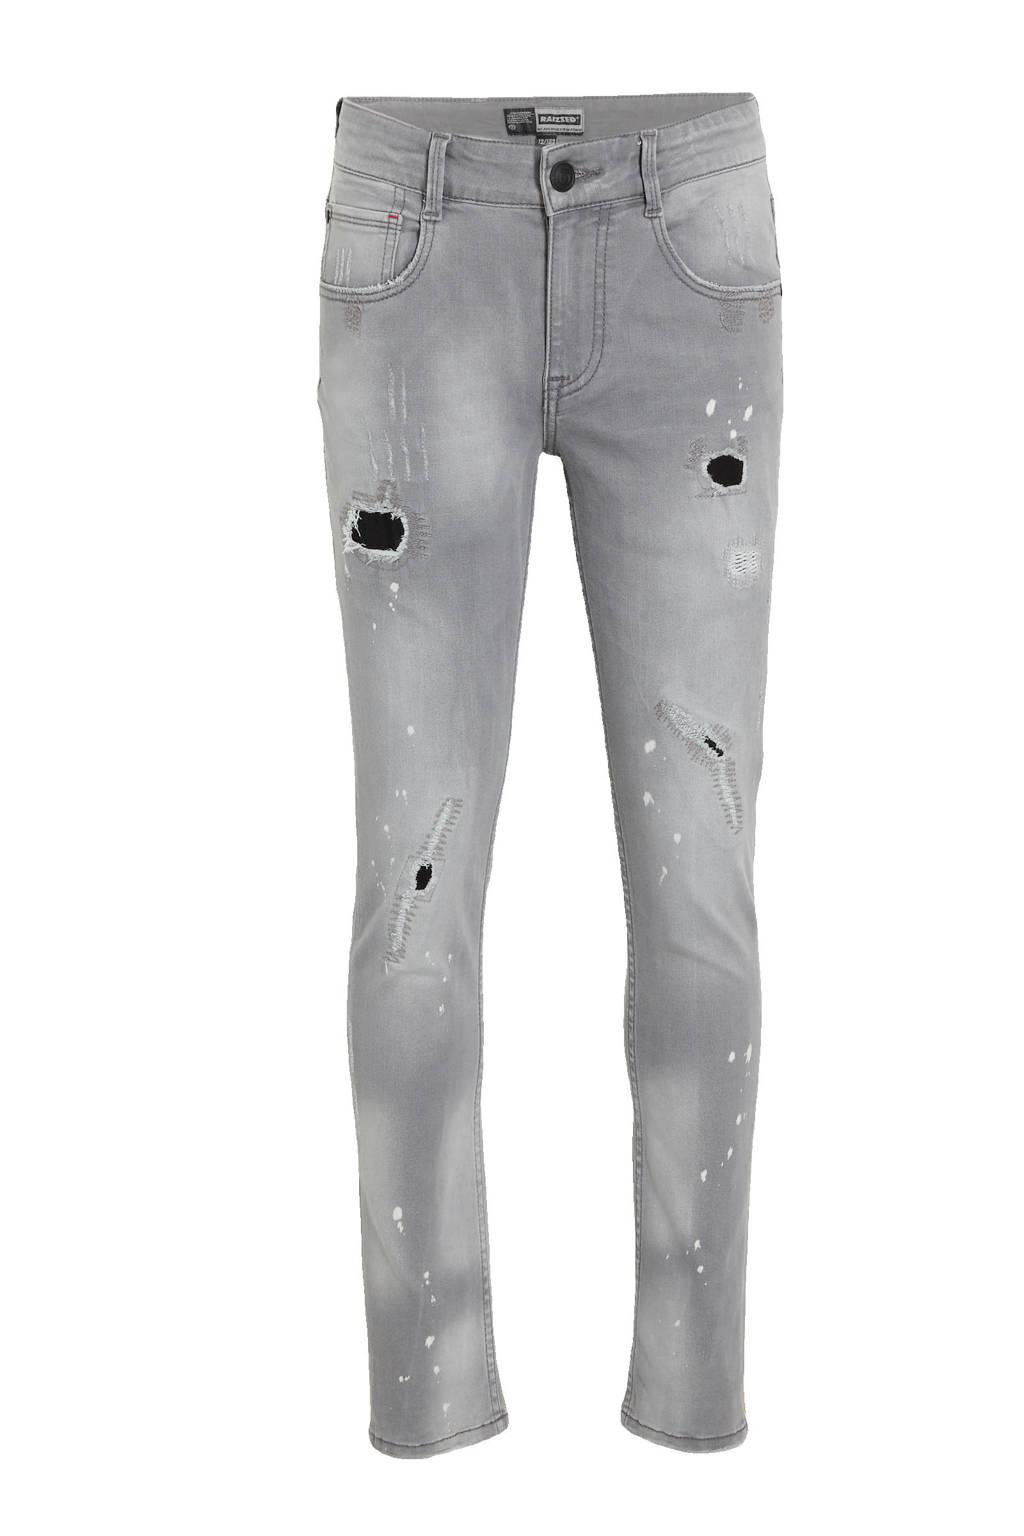 Raizzed skinny jeans Tokyo mid grey stone, Mid grey stone